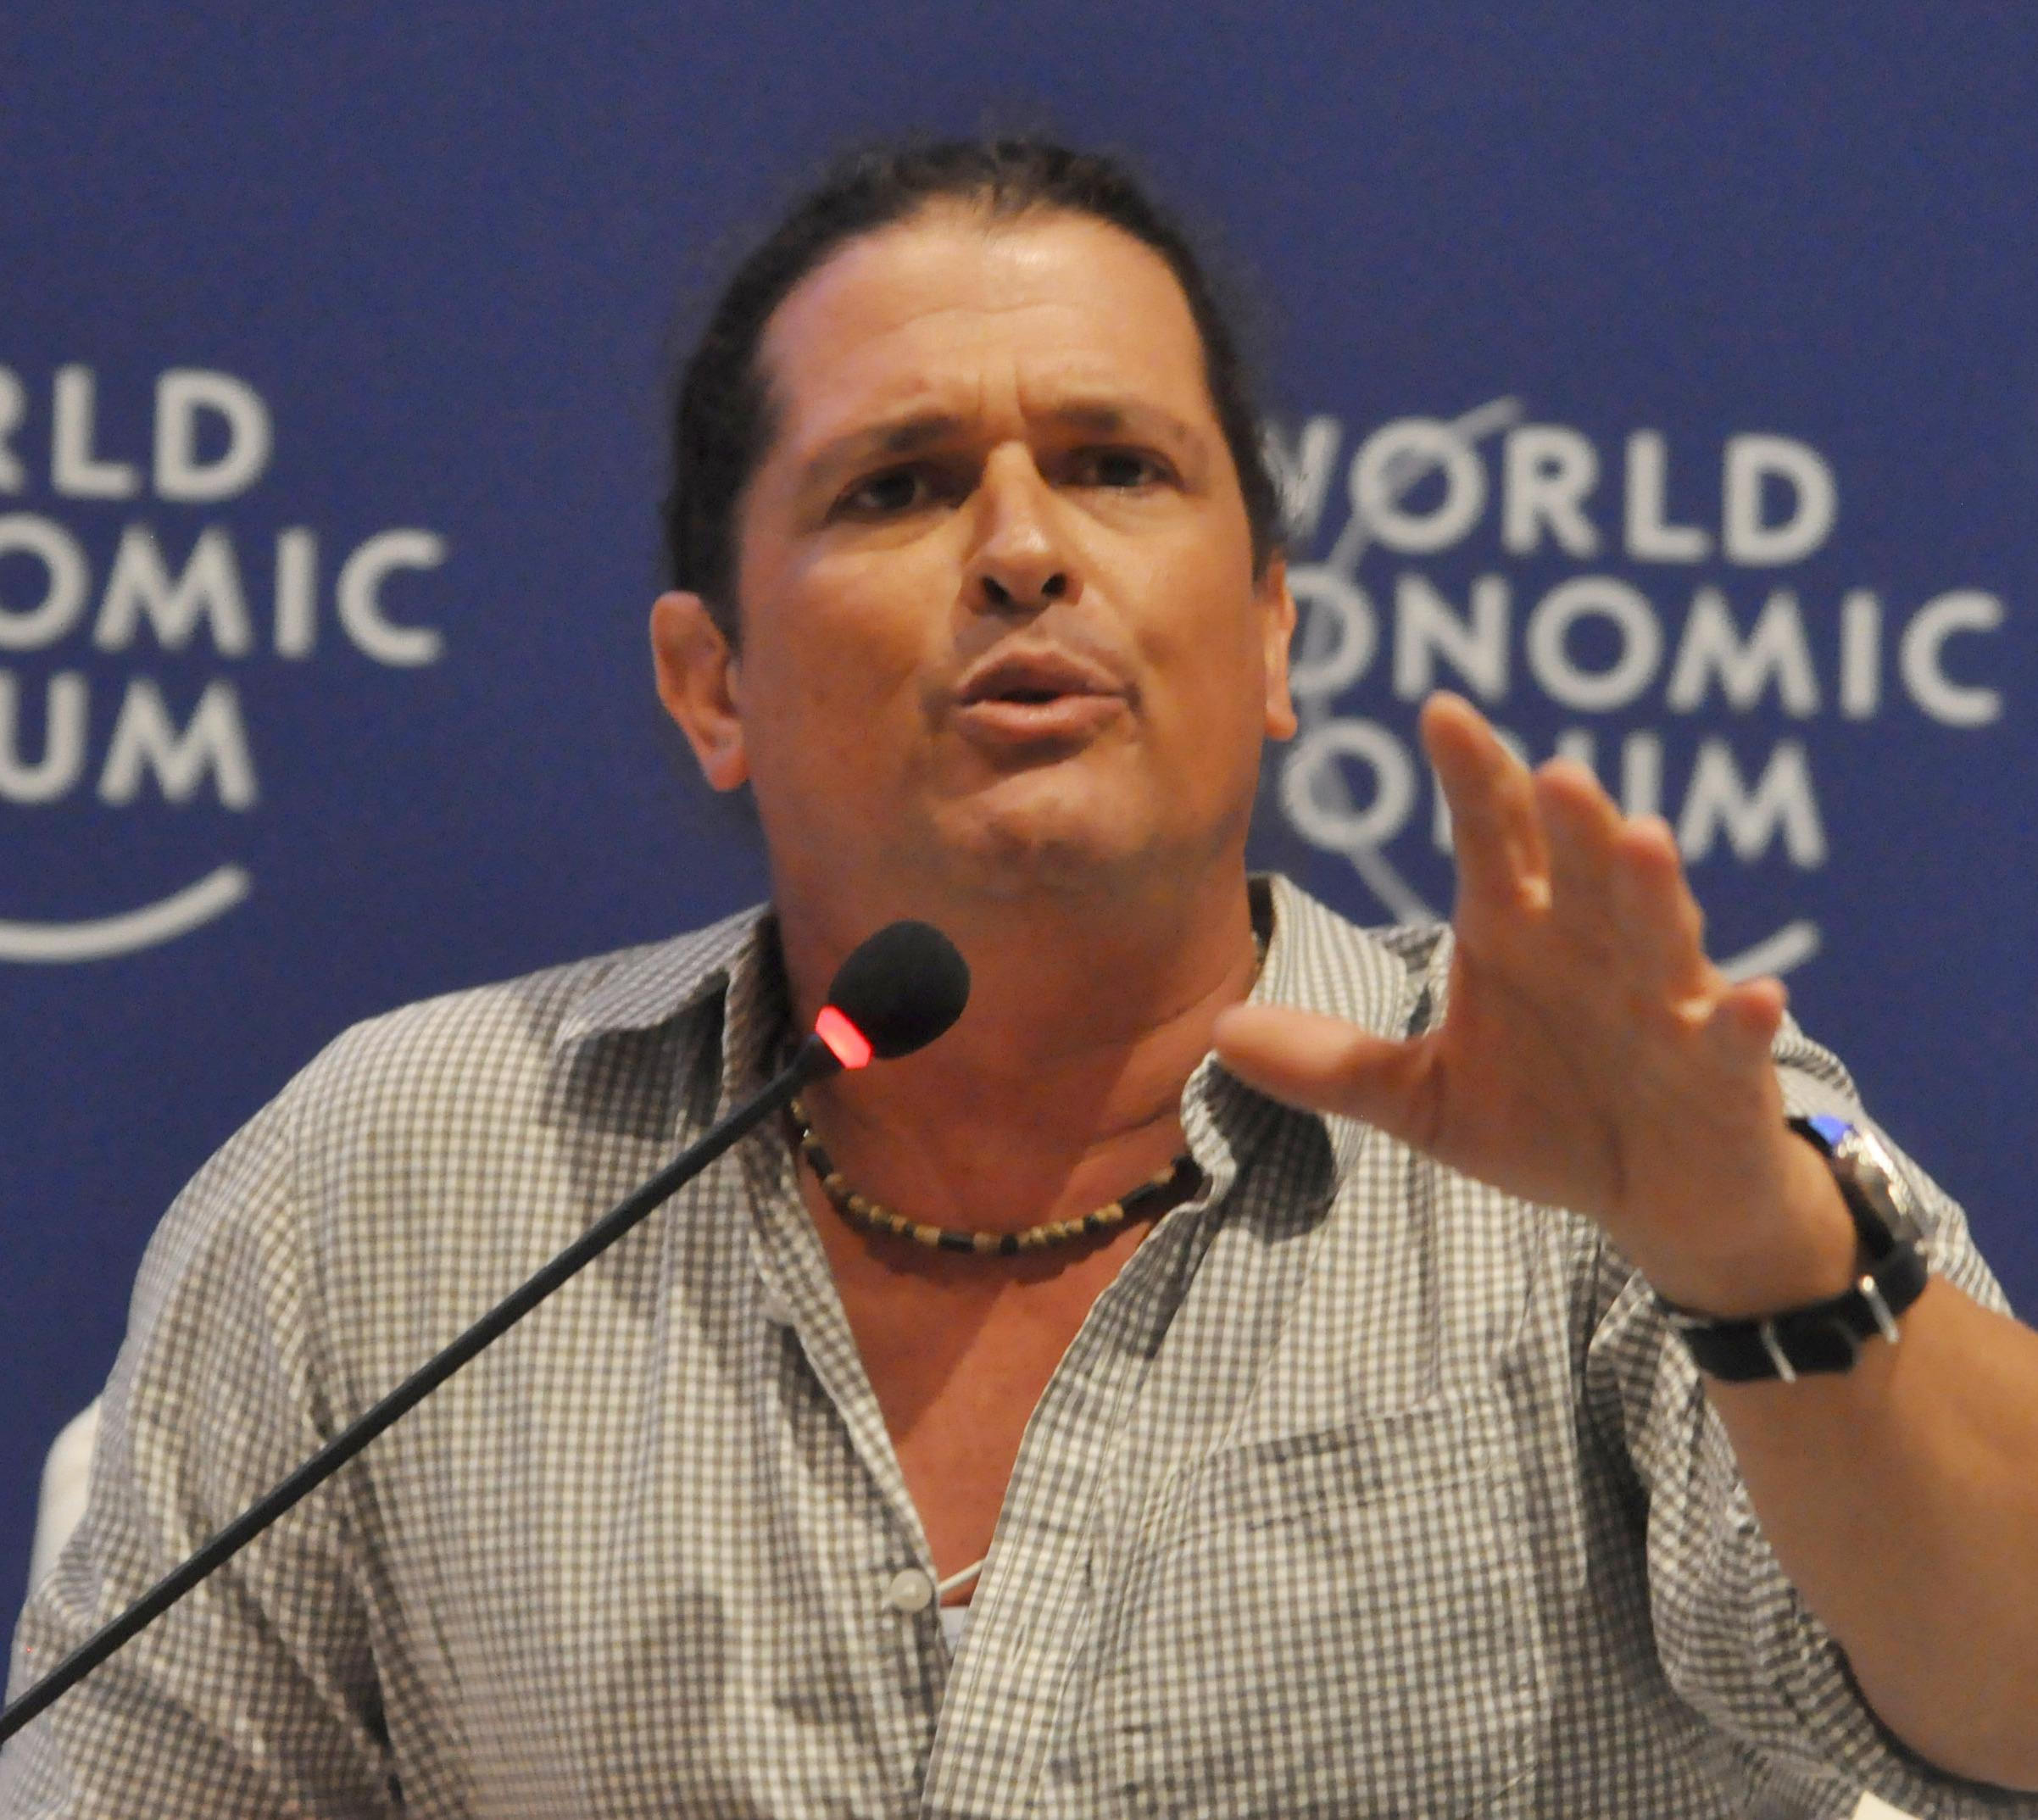 Carlos Vives en una rueda de prensa del Foro Económico Mundial en abril de 2010.